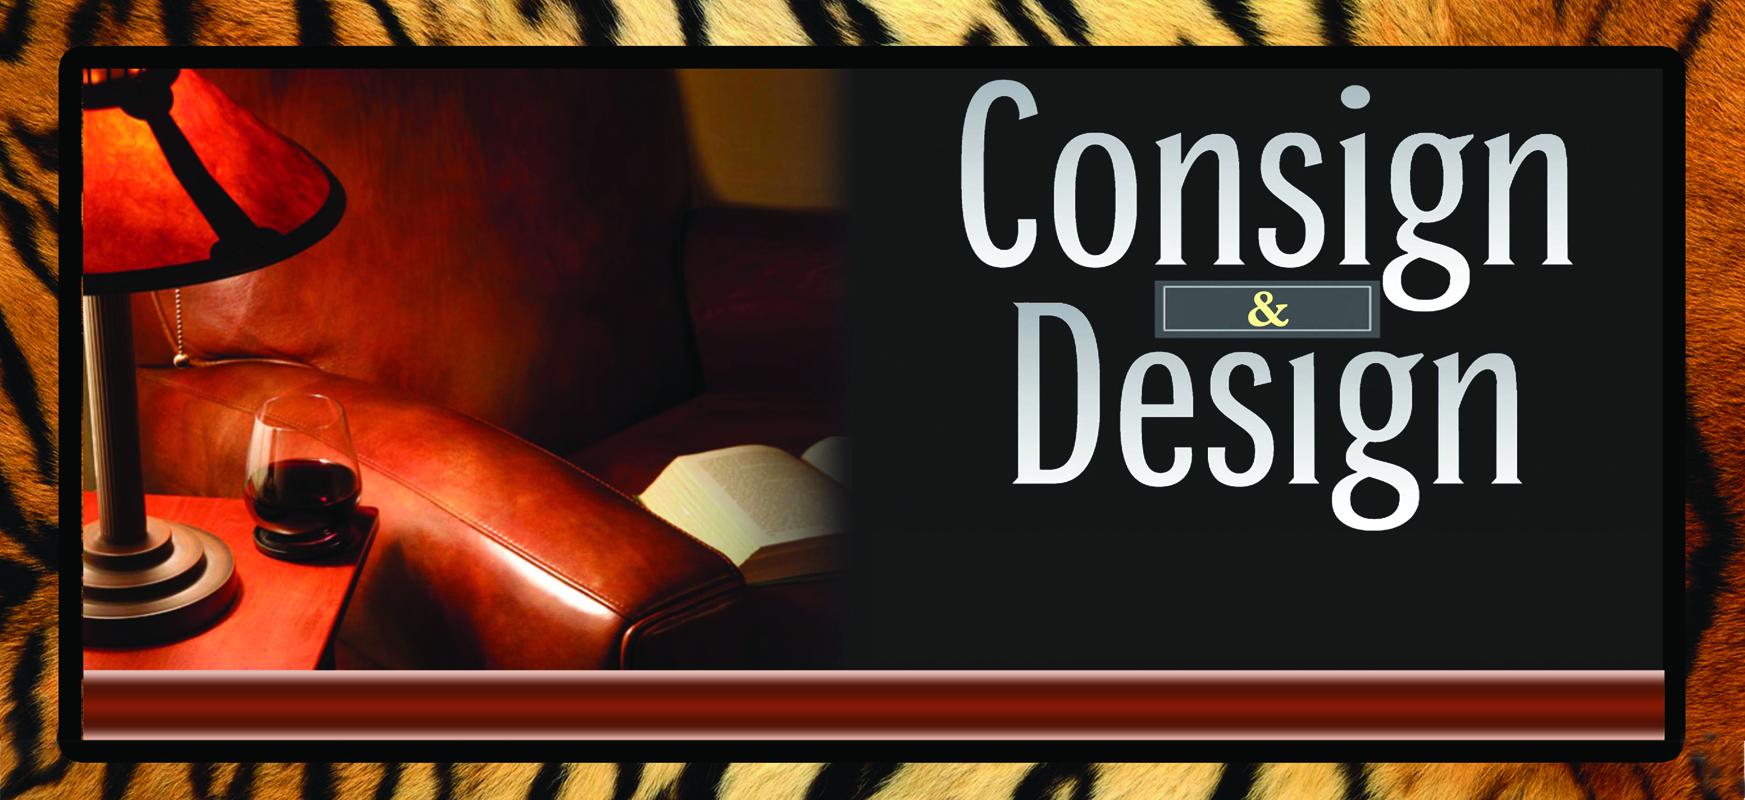 Consign & Design